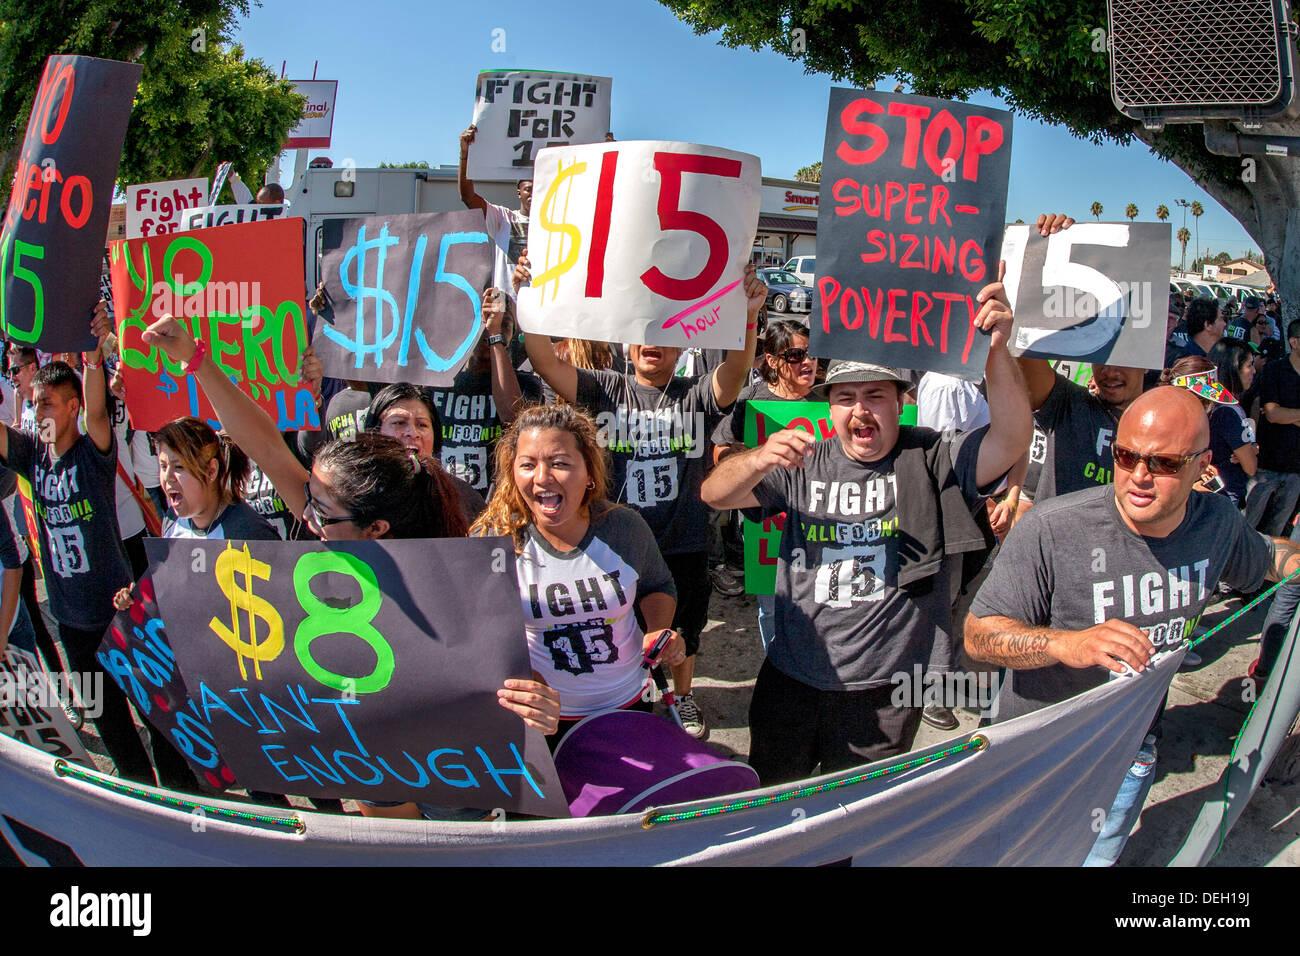 Multirazziale fast food i lavoratori si riuniscono per protestare contro i loro bassi salari minimi e di esigere un $15 per ora al di fuori dei salari un MacDonald's. Immagini Stock